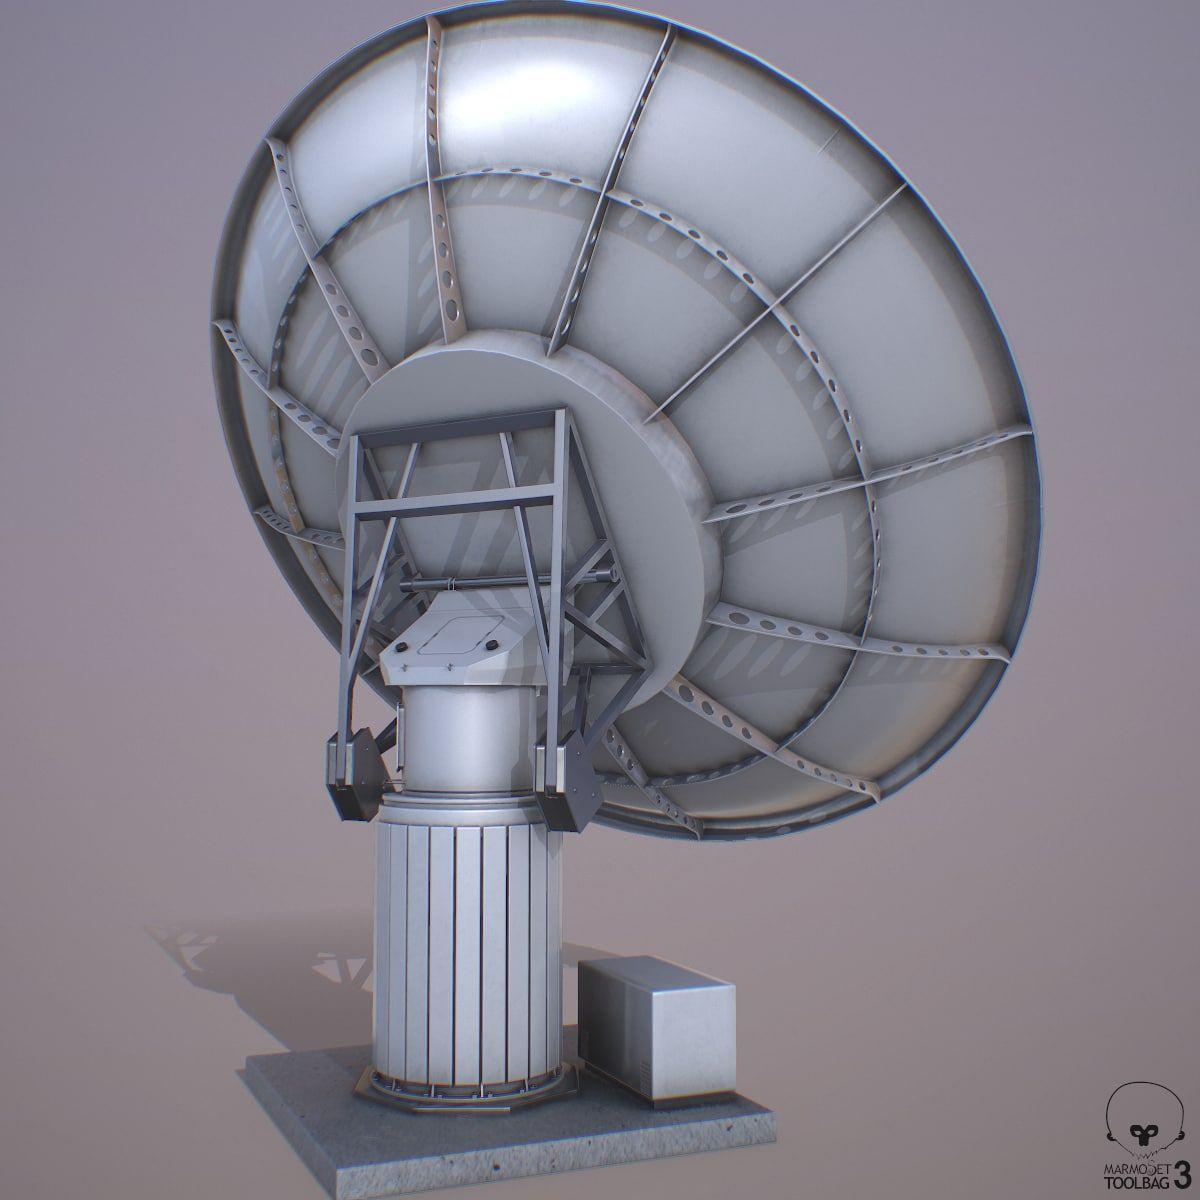 Satellite Dish Model Satellite Dish Satellites Concept Art